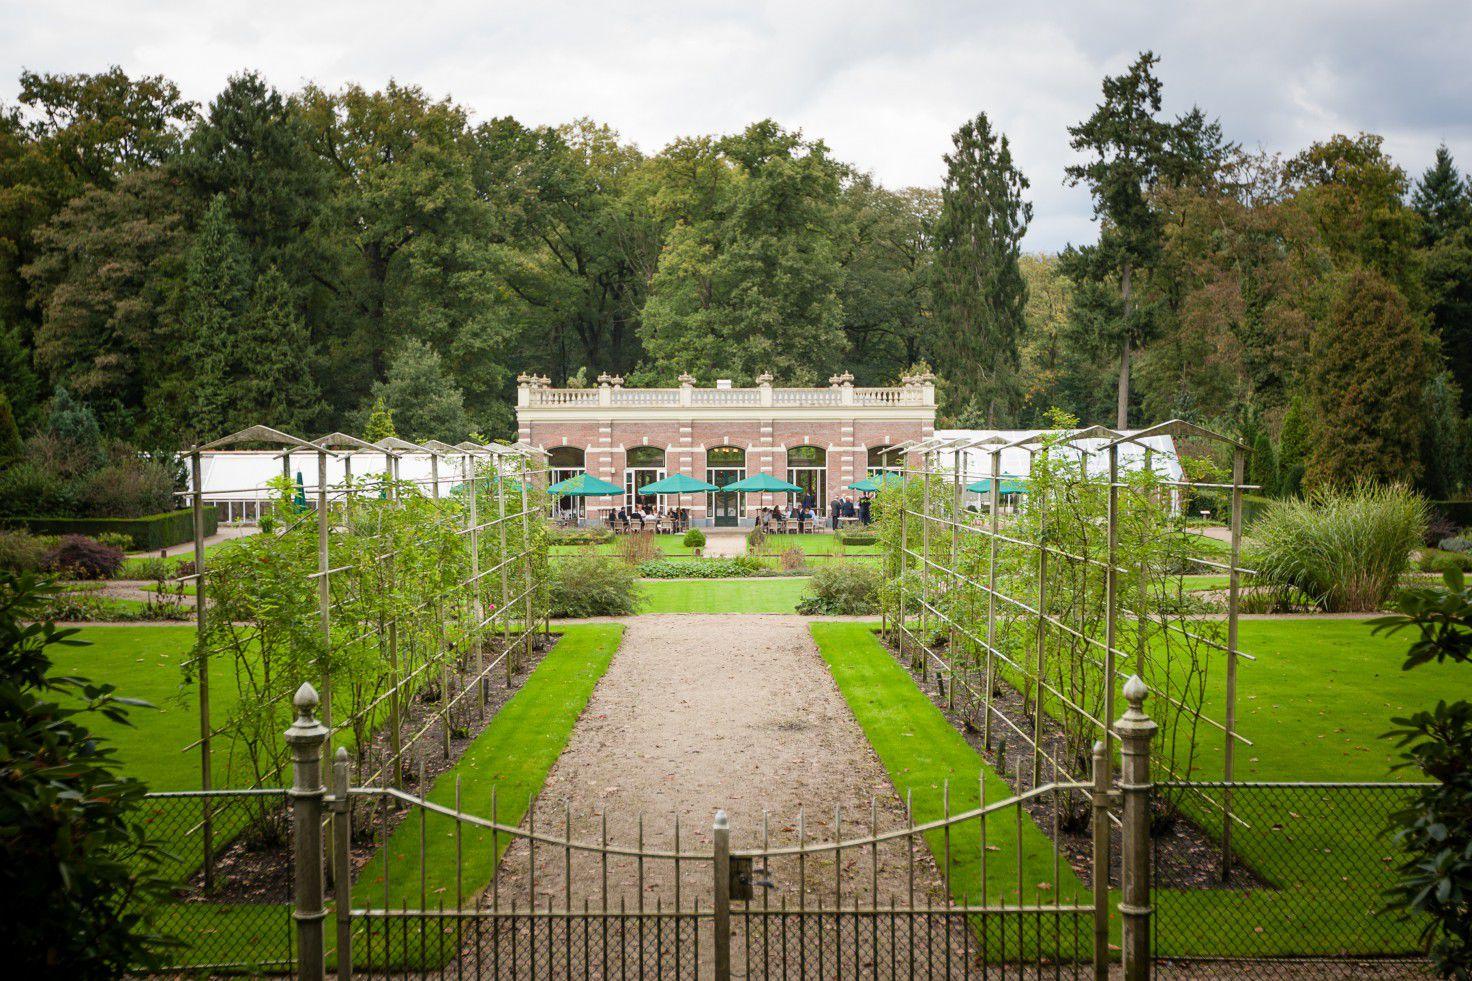 Congreslocatie Veluwe | Landgoed Groot Warnsborn